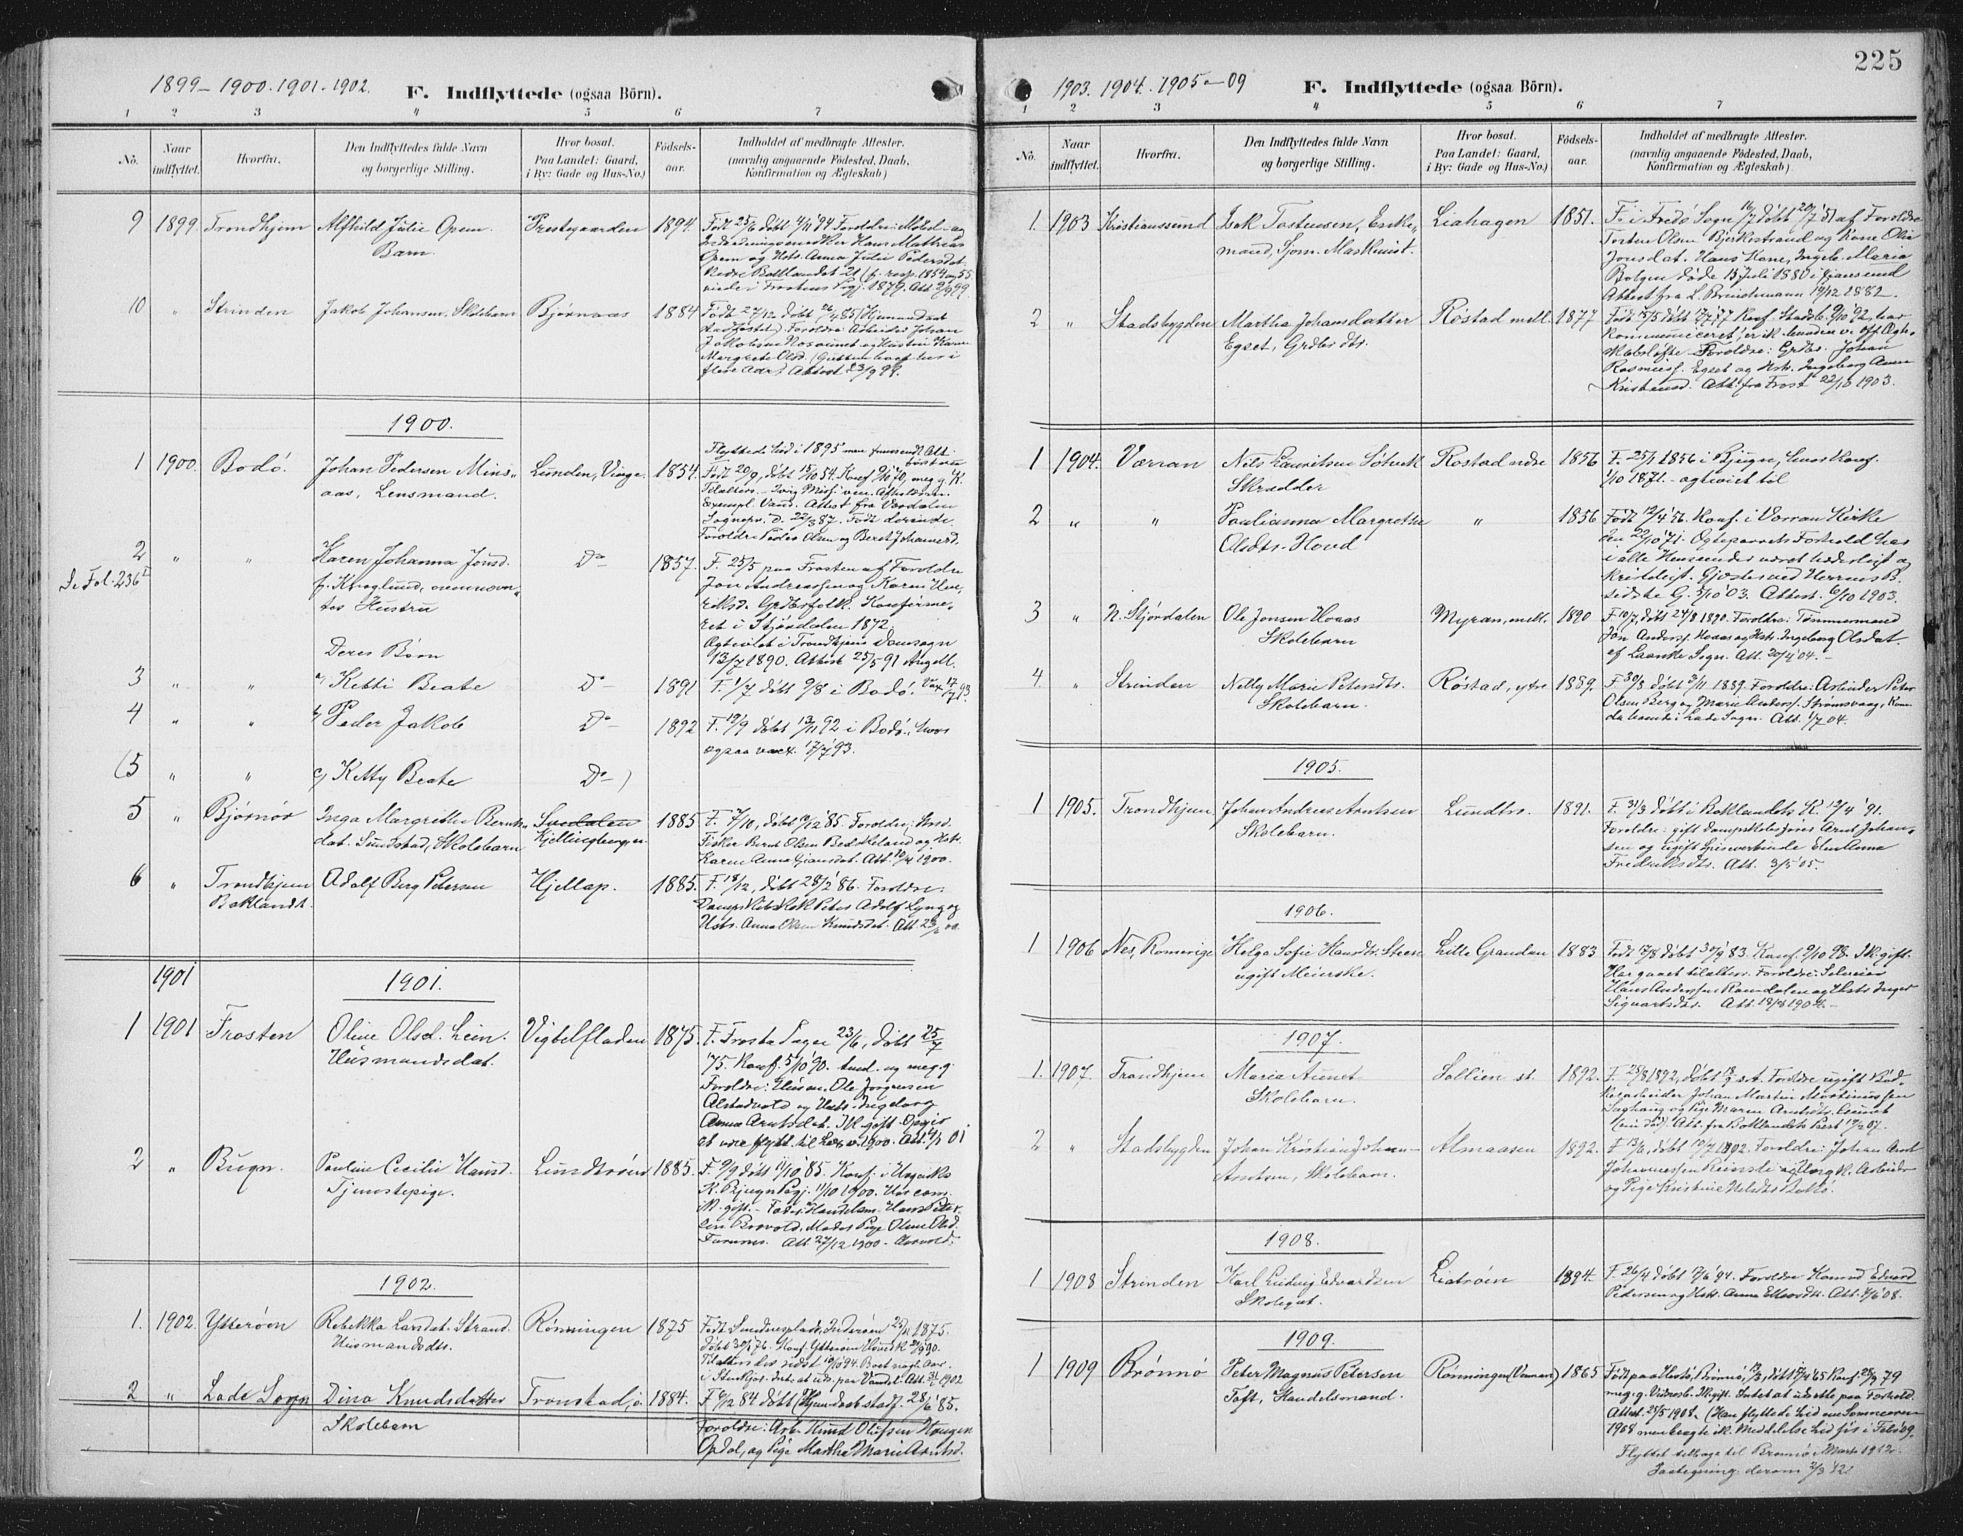 SAT, Ministerialprotokoller, klokkerbøker og fødselsregistre - Nord-Trøndelag, 701/L0011: Ministerialbok nr. 701A11, 1899-1915, s. 225